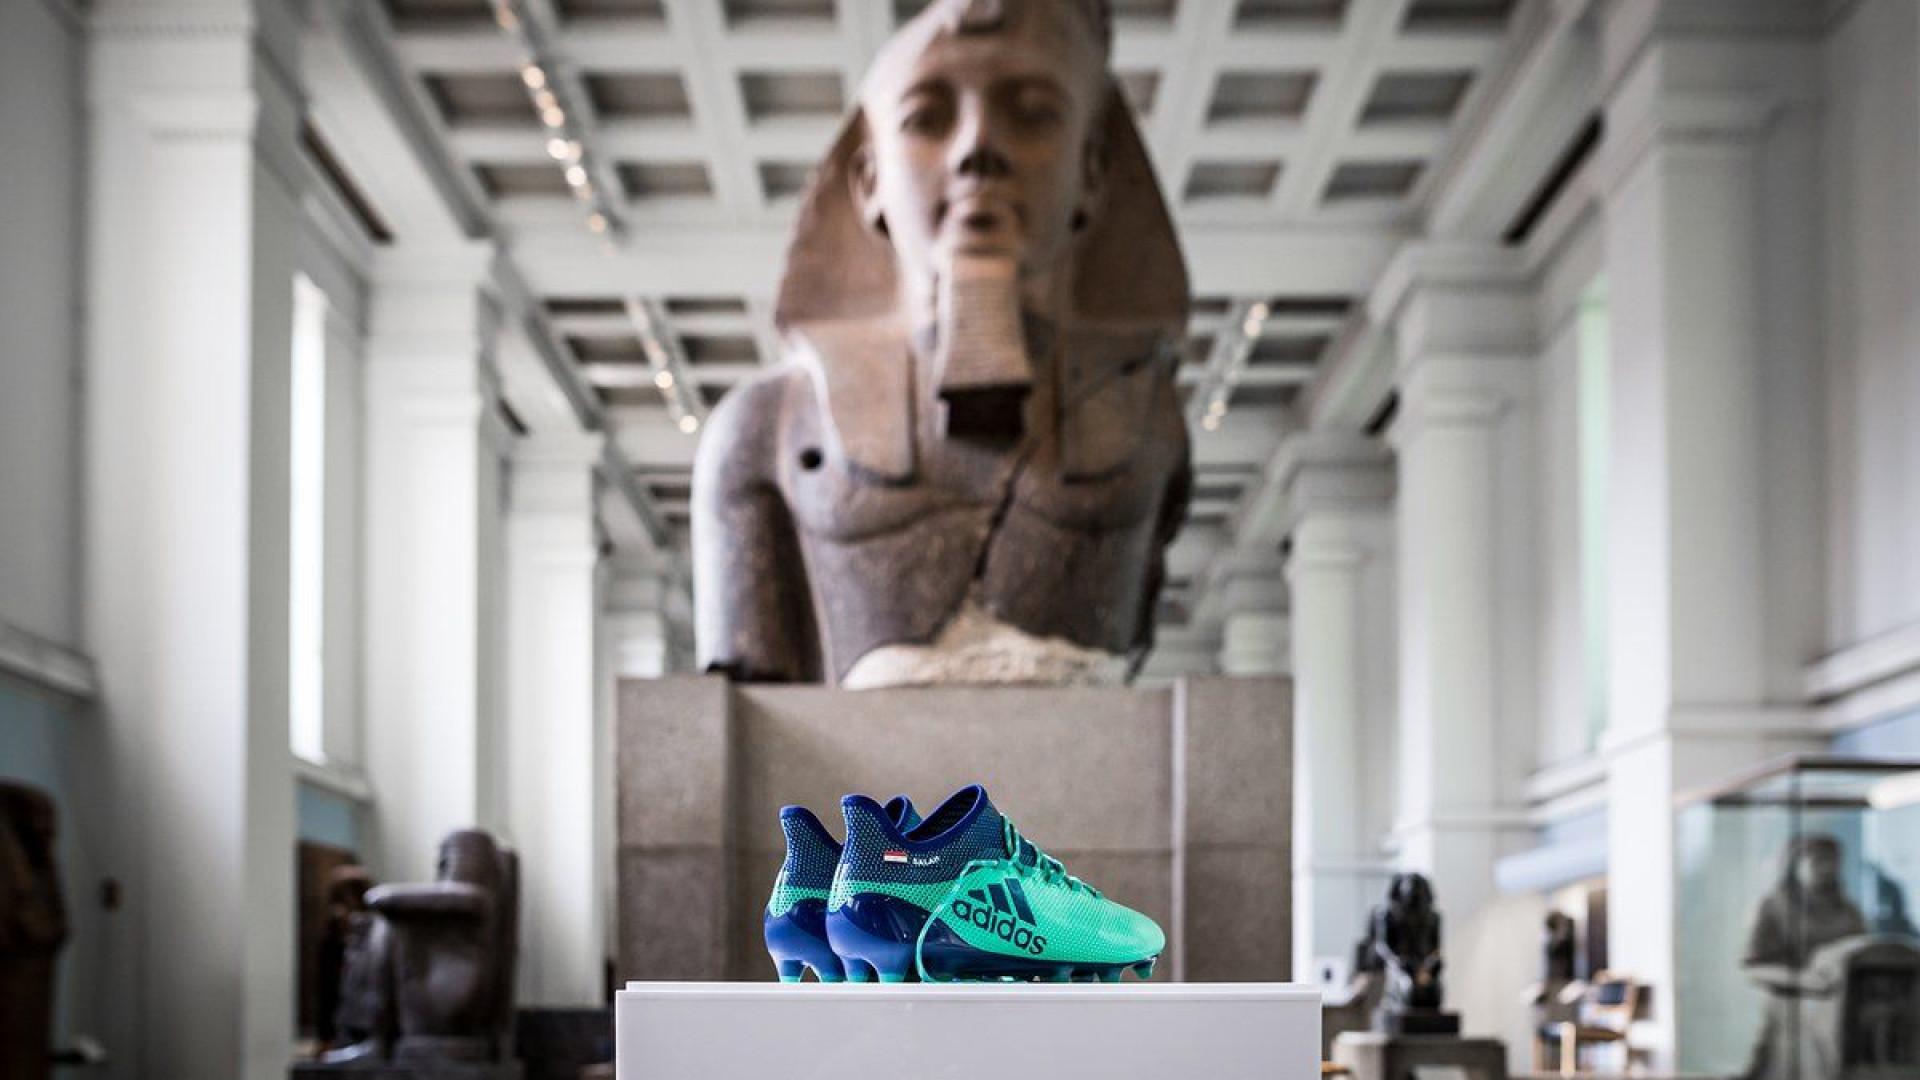 Botas de Mohamed Salah em exposição... no British Museum